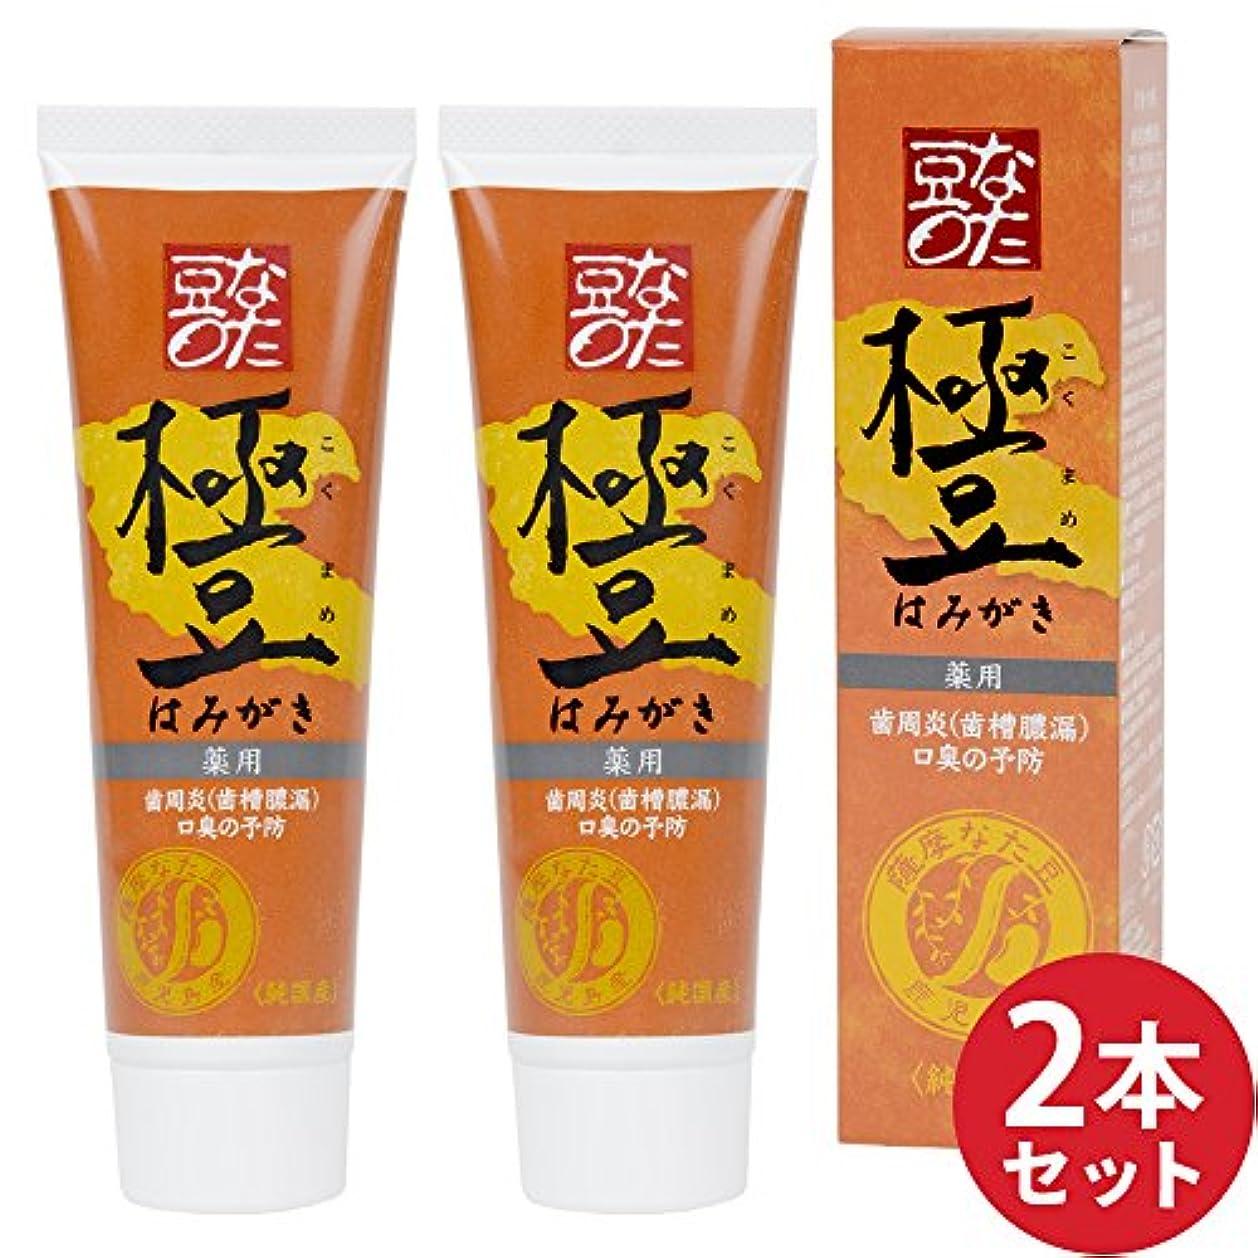 一目強化する排泄物2本セット【薬用】薩摩なた豆歯磨き(内容量:110g×2)